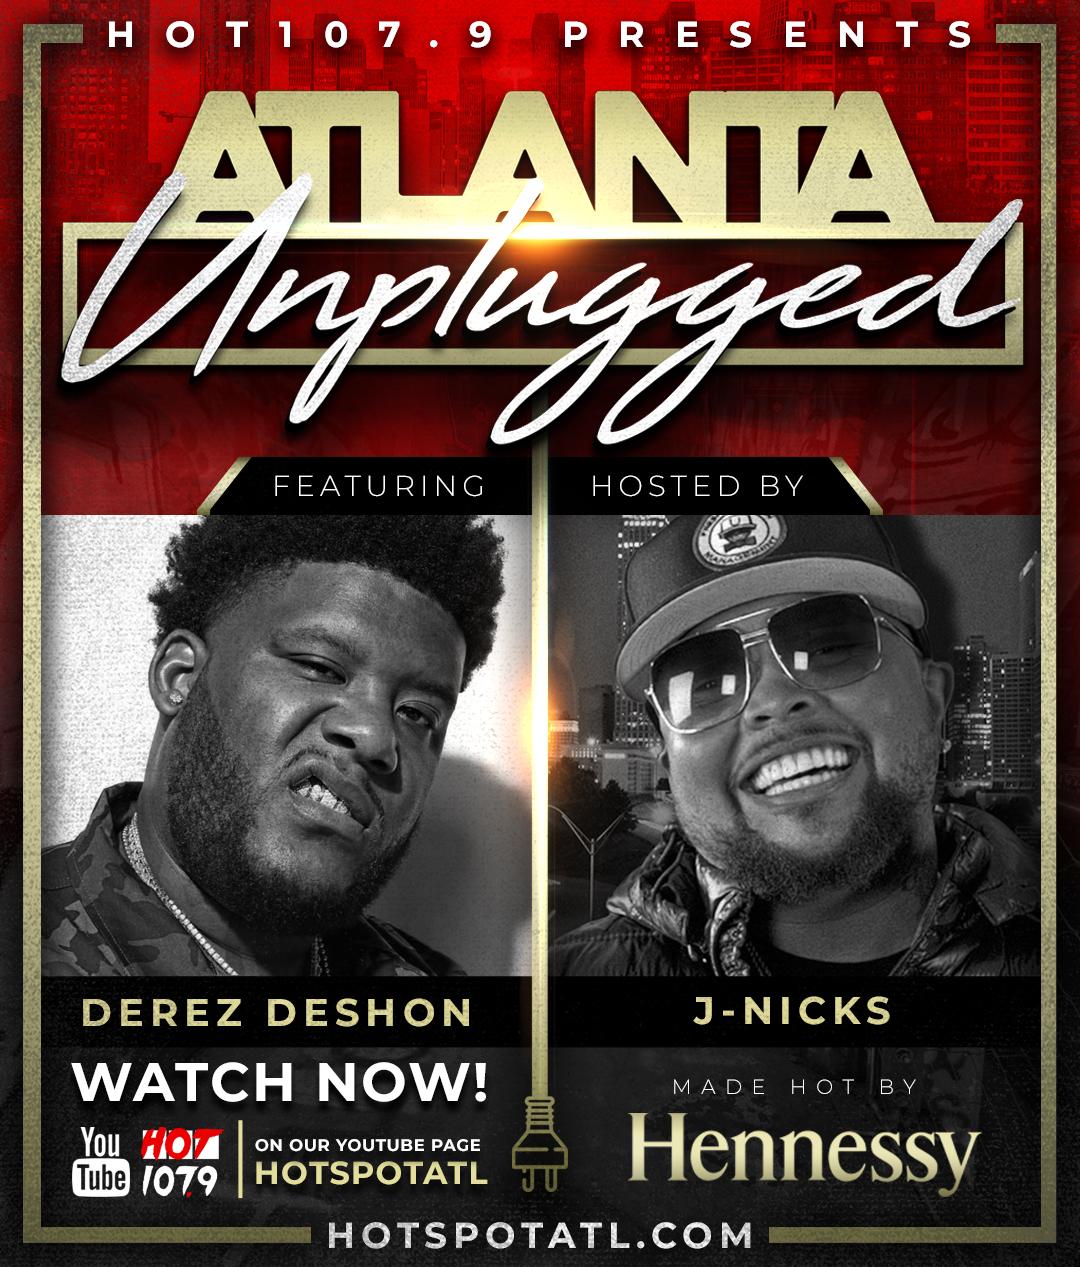 Atlanta Unplugged derez